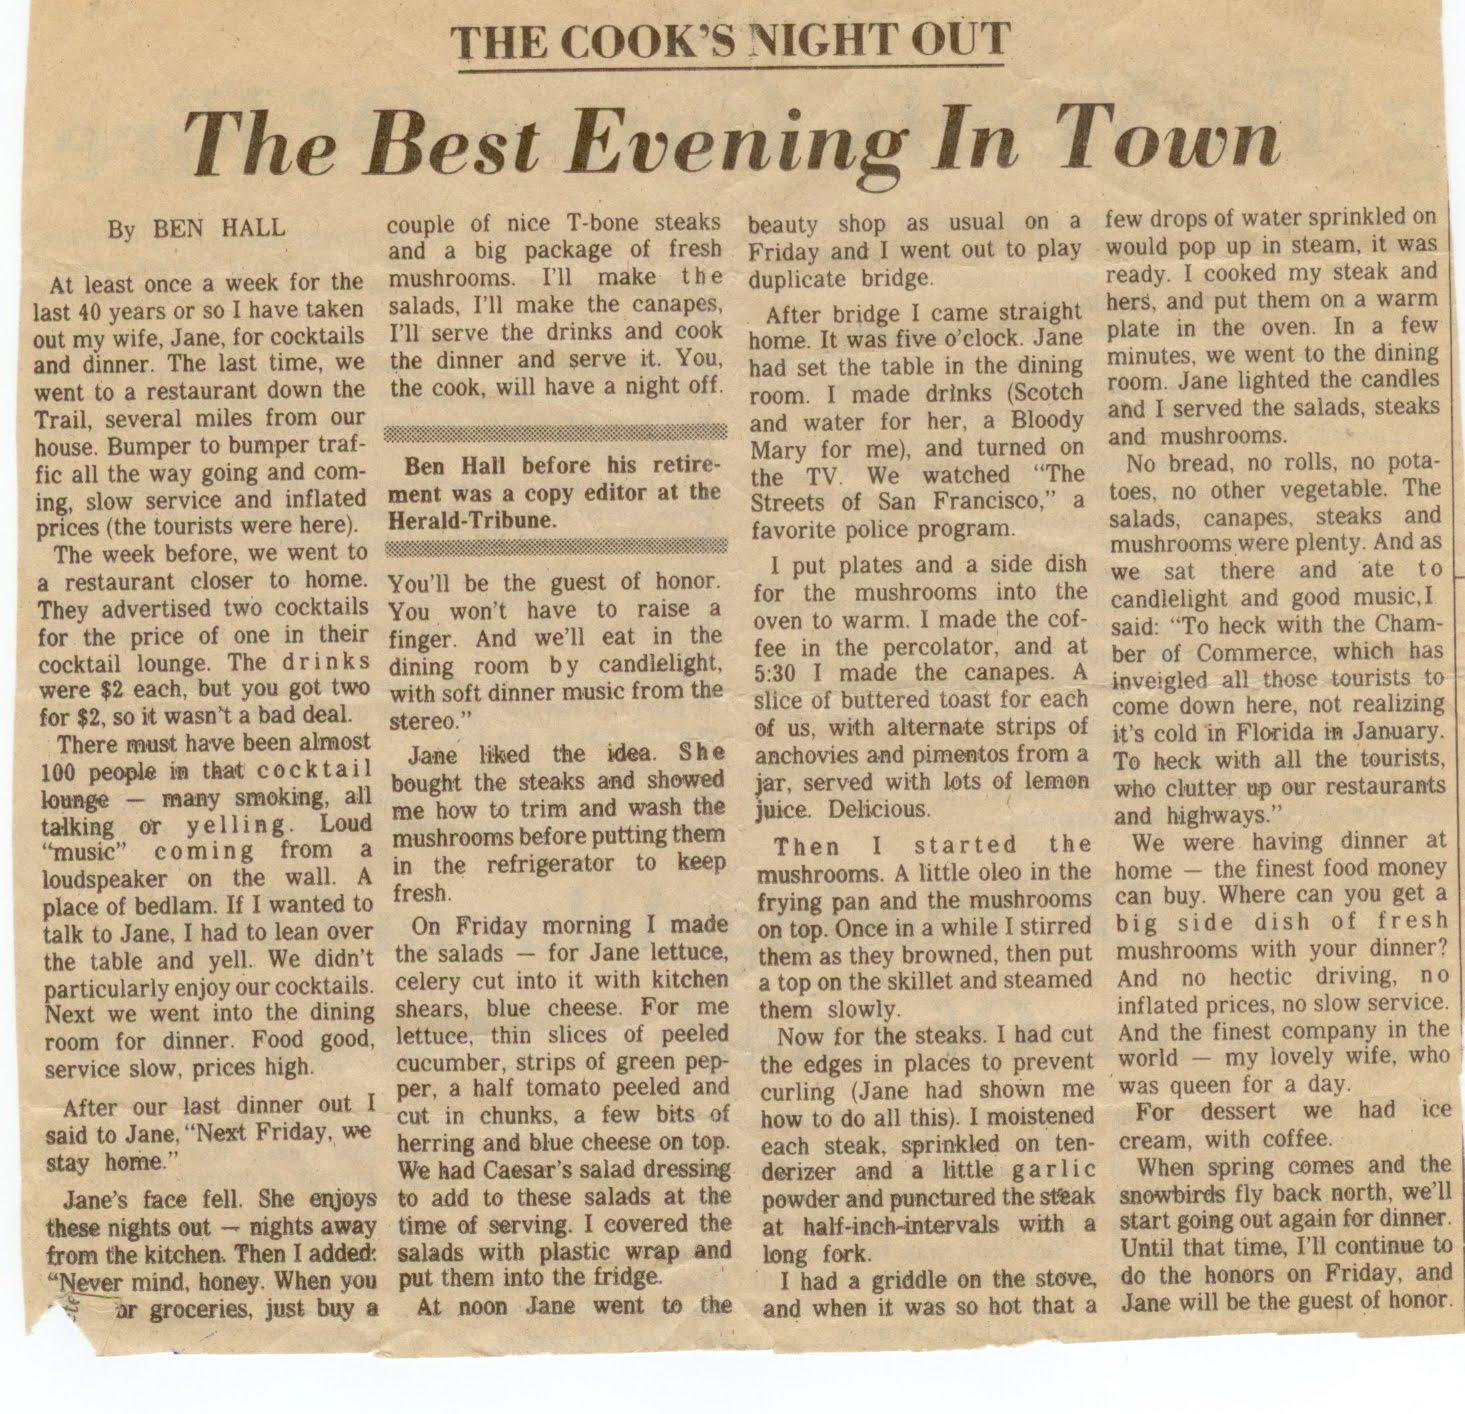 http://4.bp.blogspot.com/_KBnEFEZyWLU/SwdCBI0ajsI/AAAAAAAAABE/_mRJvmsIHDI/s1600/Benjamin+F.+Hall+b.+1901+Best+Evening+in+Town.jpg